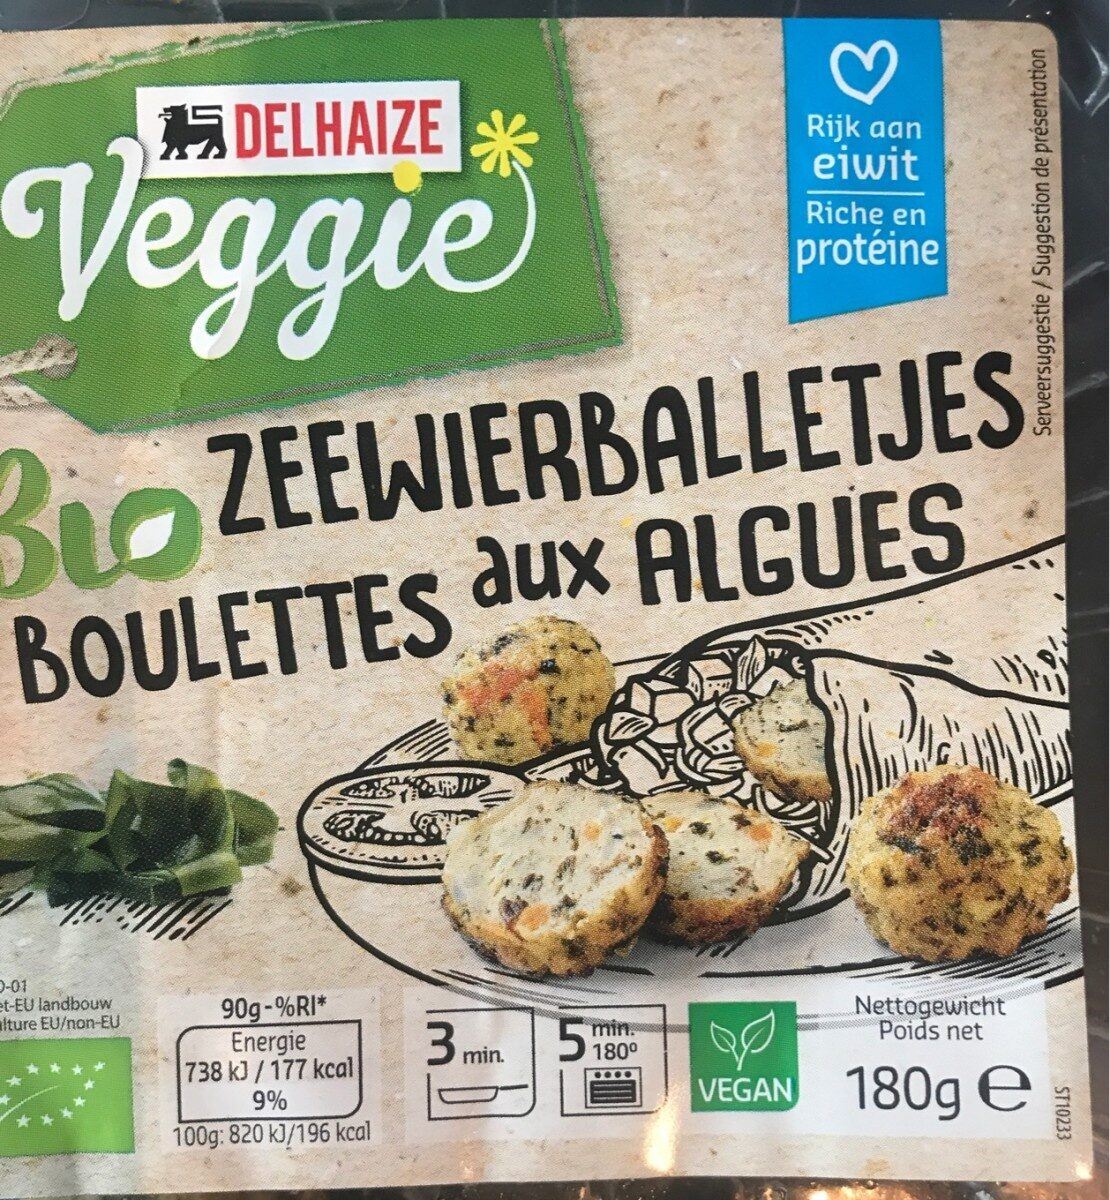 Boulettes aux algues - Product - fr